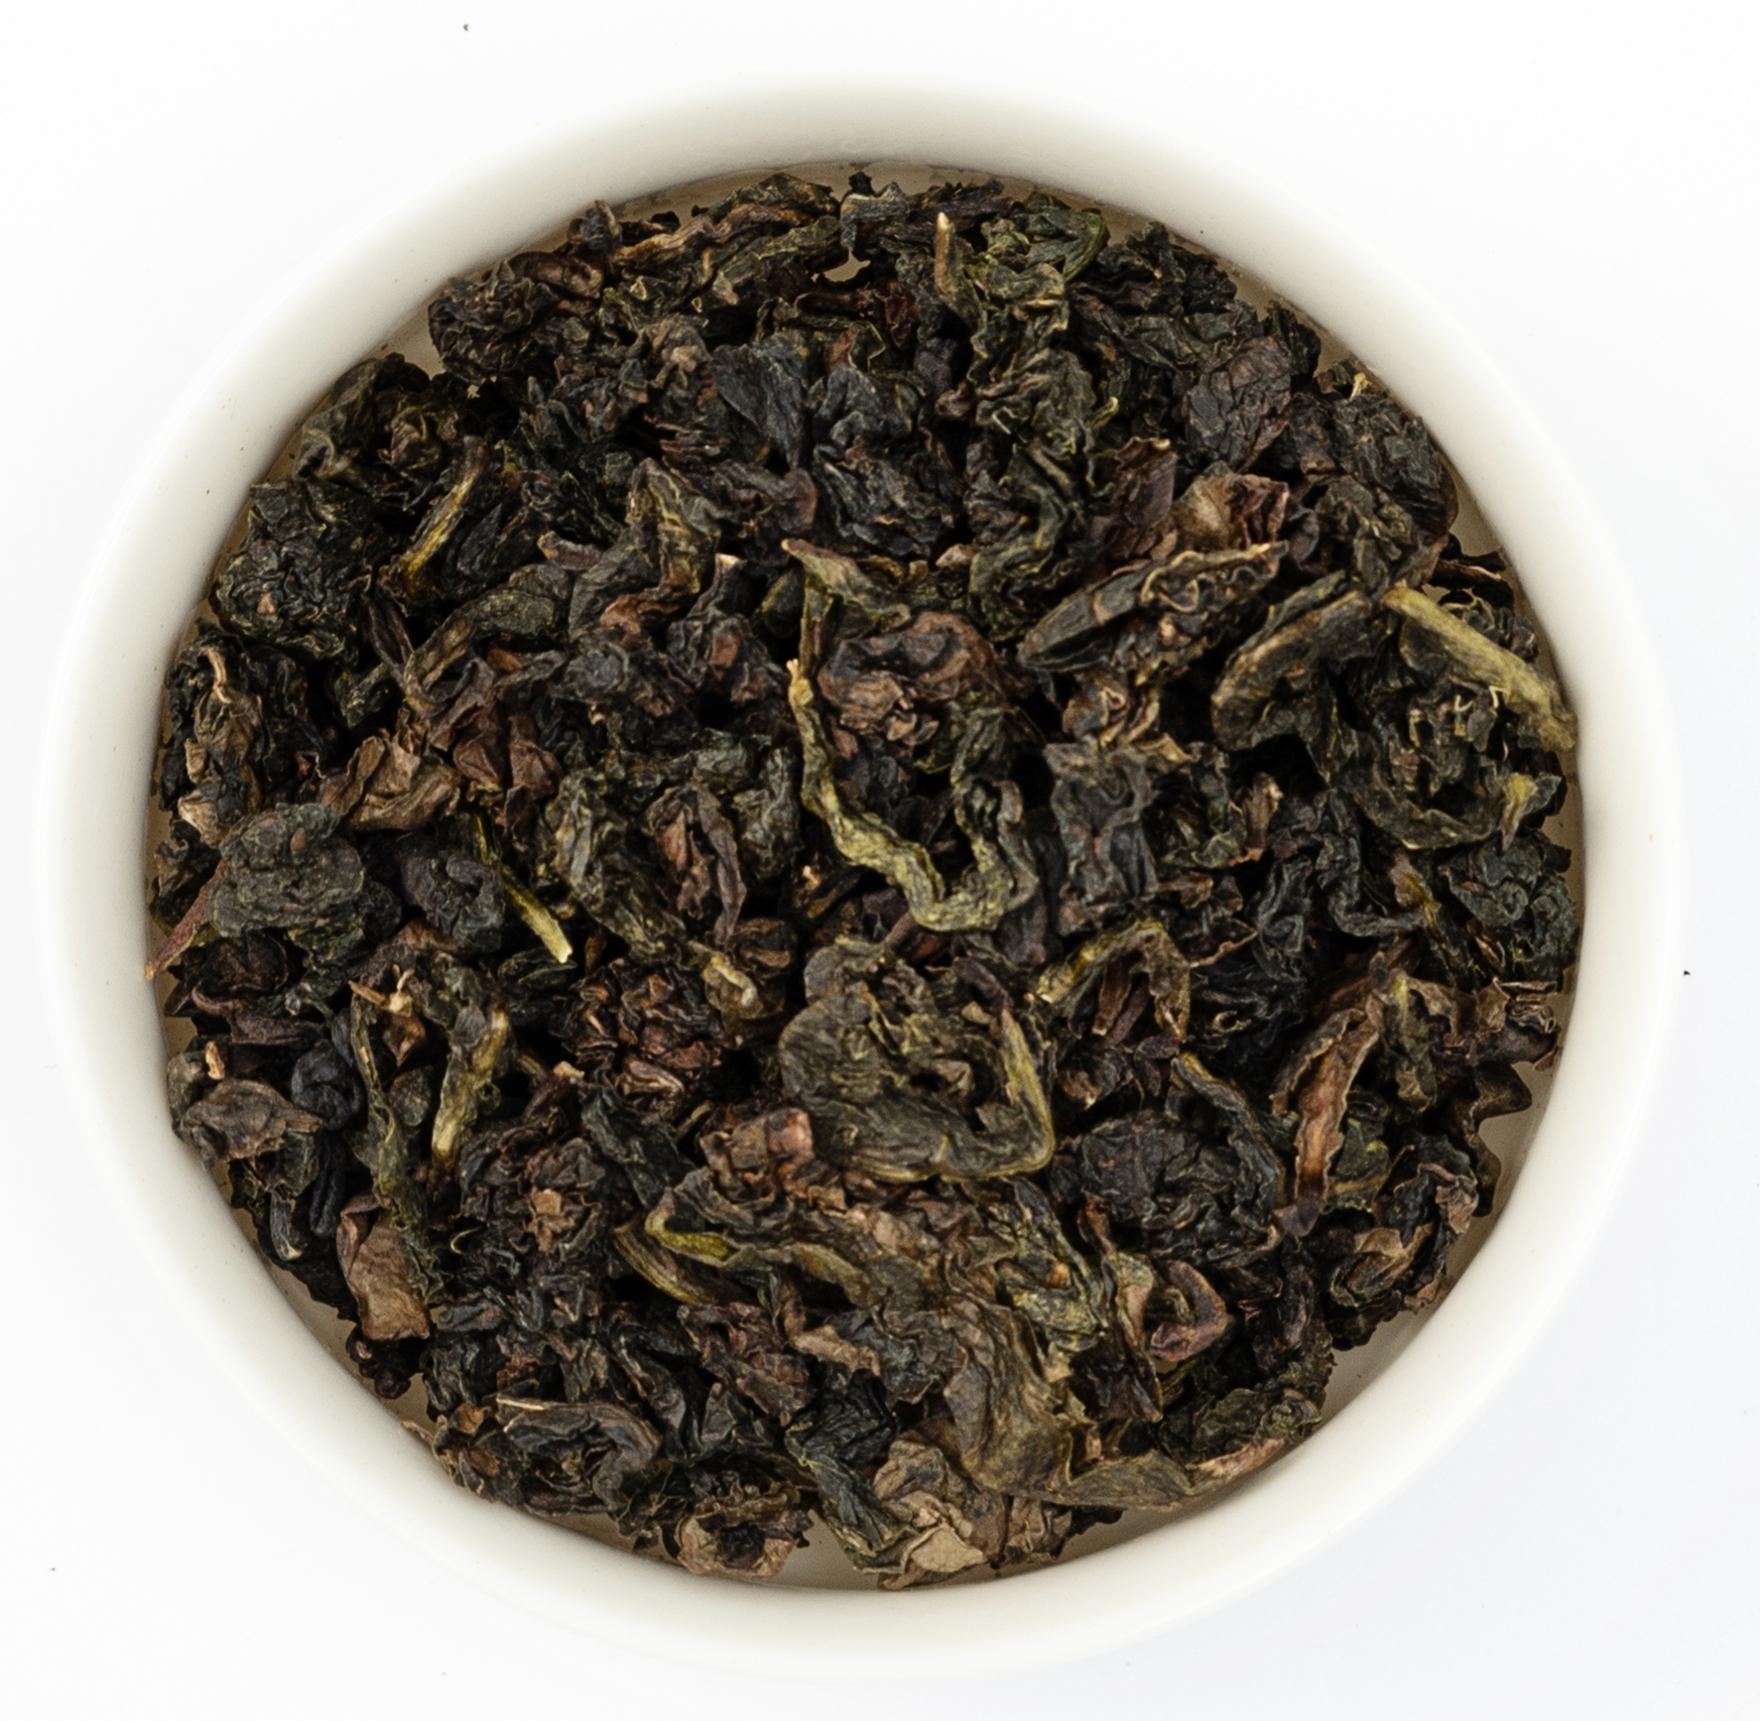 organic Oolong Tea Natural Tie Guan Yin Green Tea Certified organic Oolong Tea - 4uTea   4uTea.com